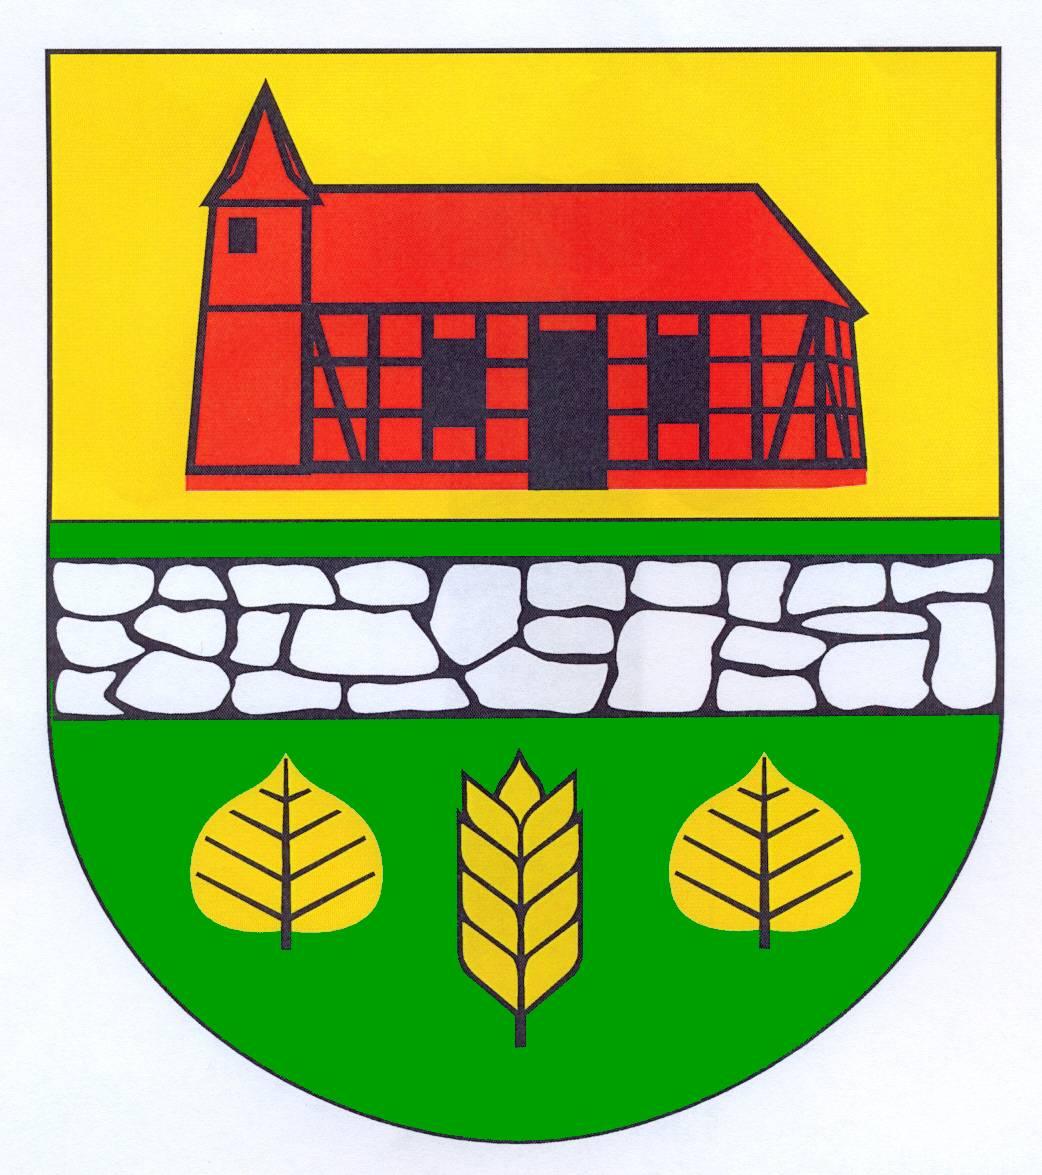 Wappen GemeindeWorth, Kreis Herzogtum Lauenburg